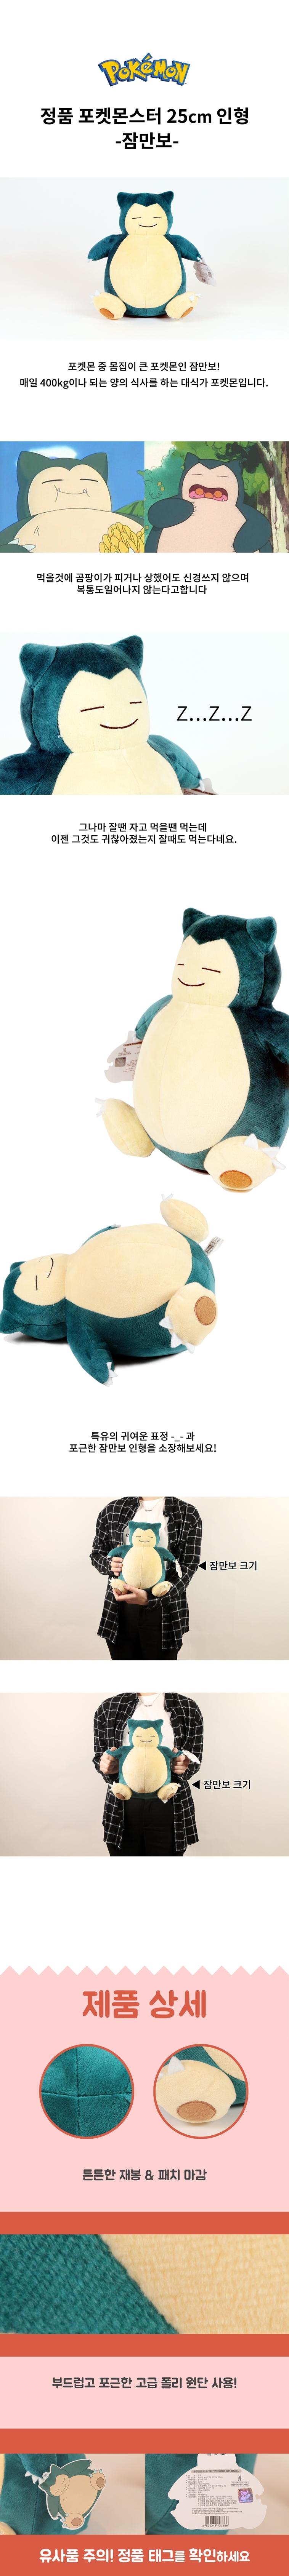 정품 포켓몬스터 잠만보 봉제 애착 인형 25cm - 갓샵, 15,500원, 캐릭터인형, 기타 캐릭터 인형